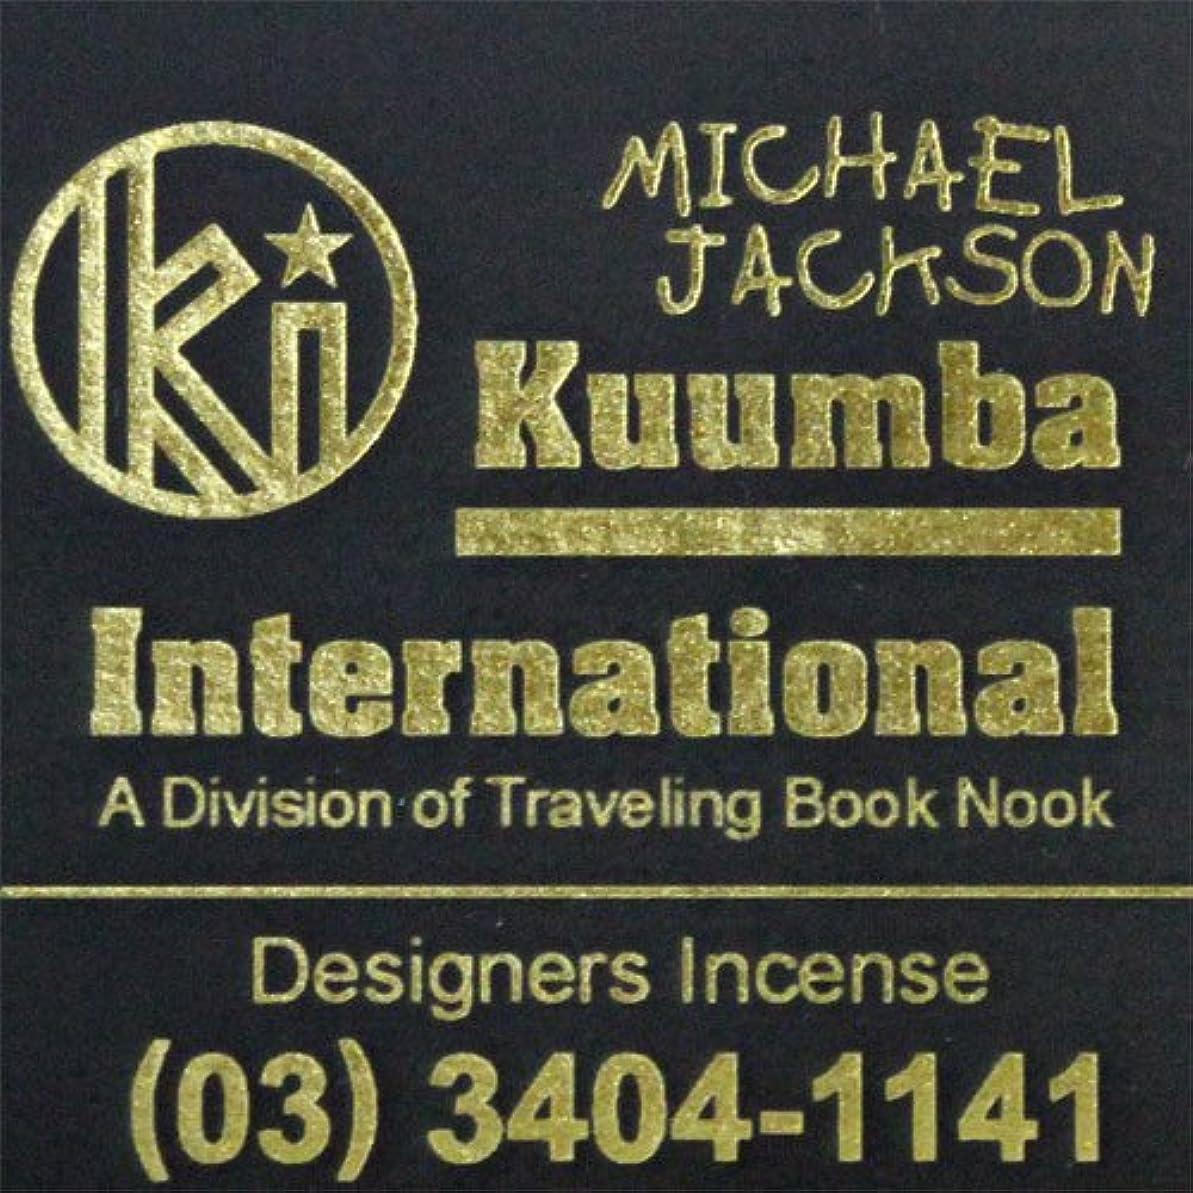 誠意たっぷり不合格(クンバ) KUUMBA『incense』(MICHAEL JACKSON) (Regular size)